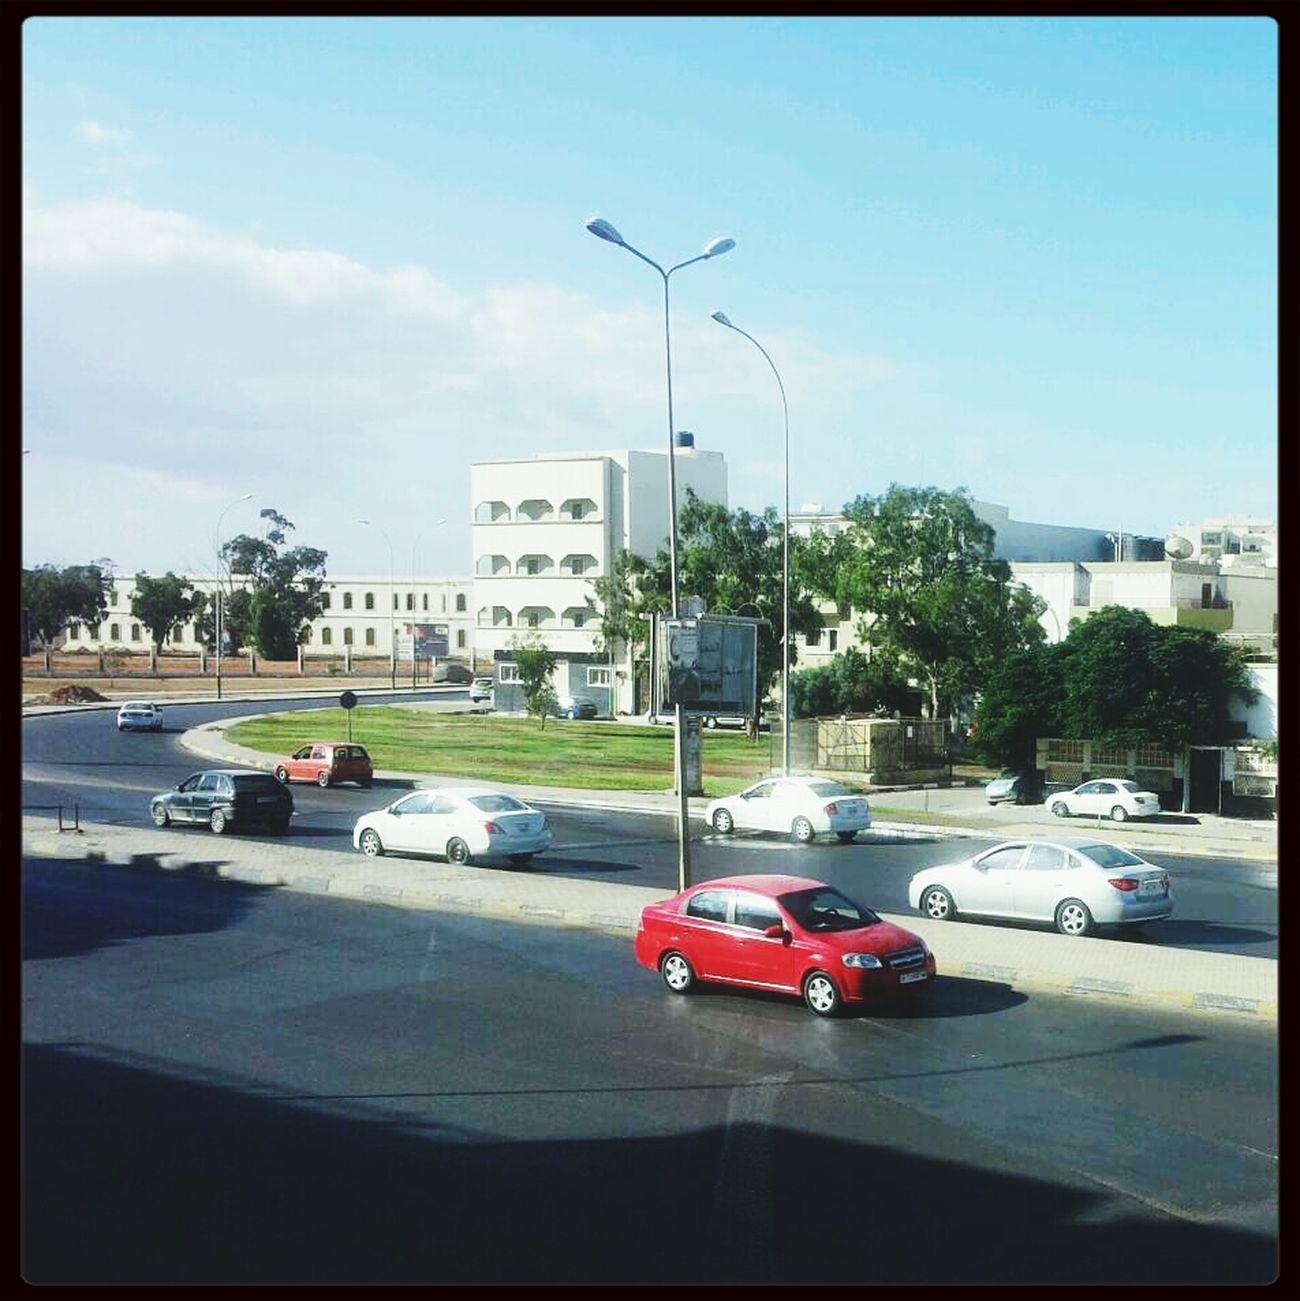 صباح الخير .. من هنا ... من هذه البقعة ... صباح الخير من أحلى وطن ... First Eyeem Photo